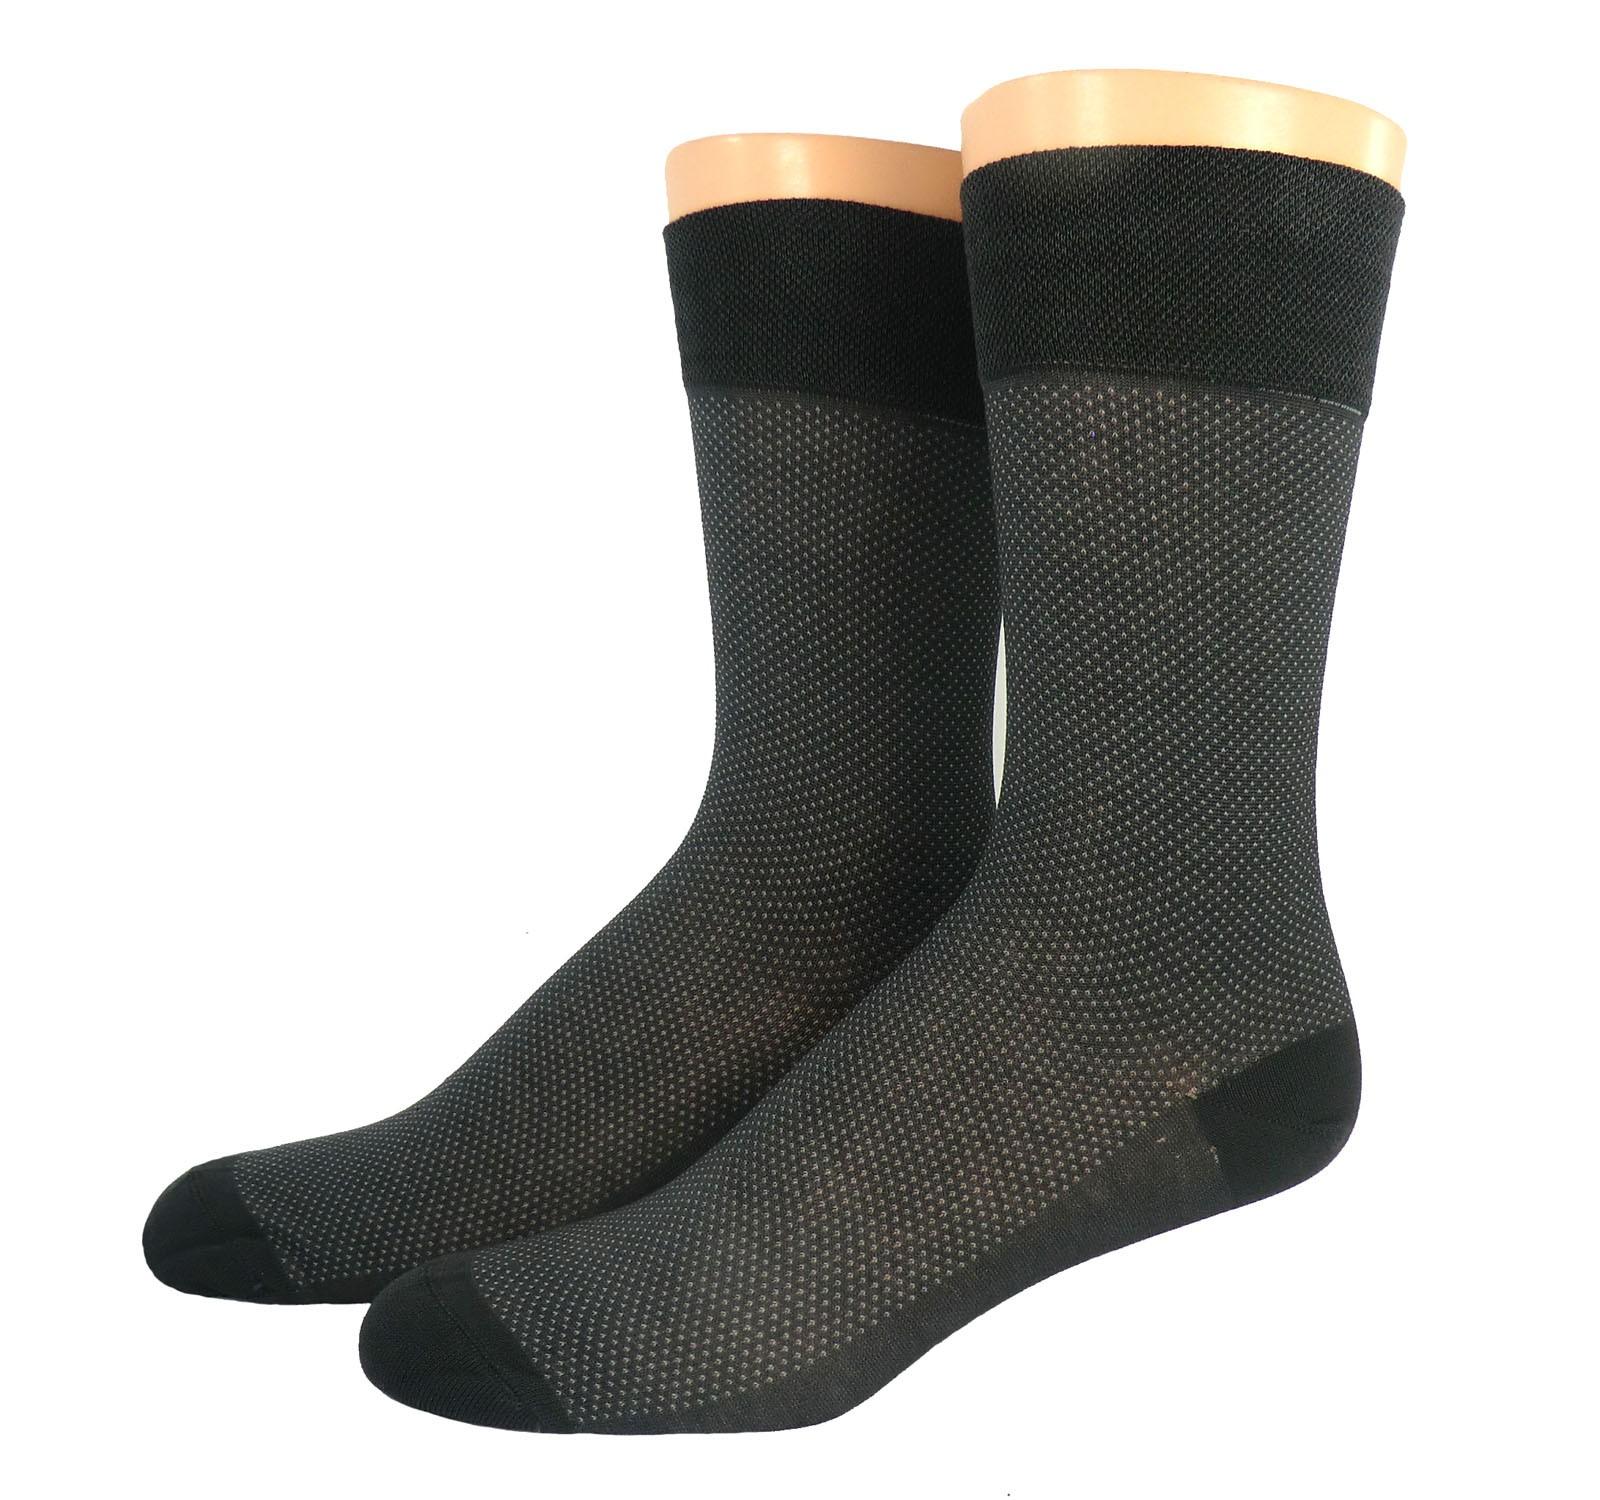 Kombinieren Sie feine Socken mit einem anderen Produkte aus unserem Herren-Sortiment. Komfortabel und stylis. Socken, deren Attribute dank ihrer feinen Qualität schon mal gezeigt werden dürfen. Natürlich sollen sie perfekt sitzen, denn wer den ganzen Tag auf den .